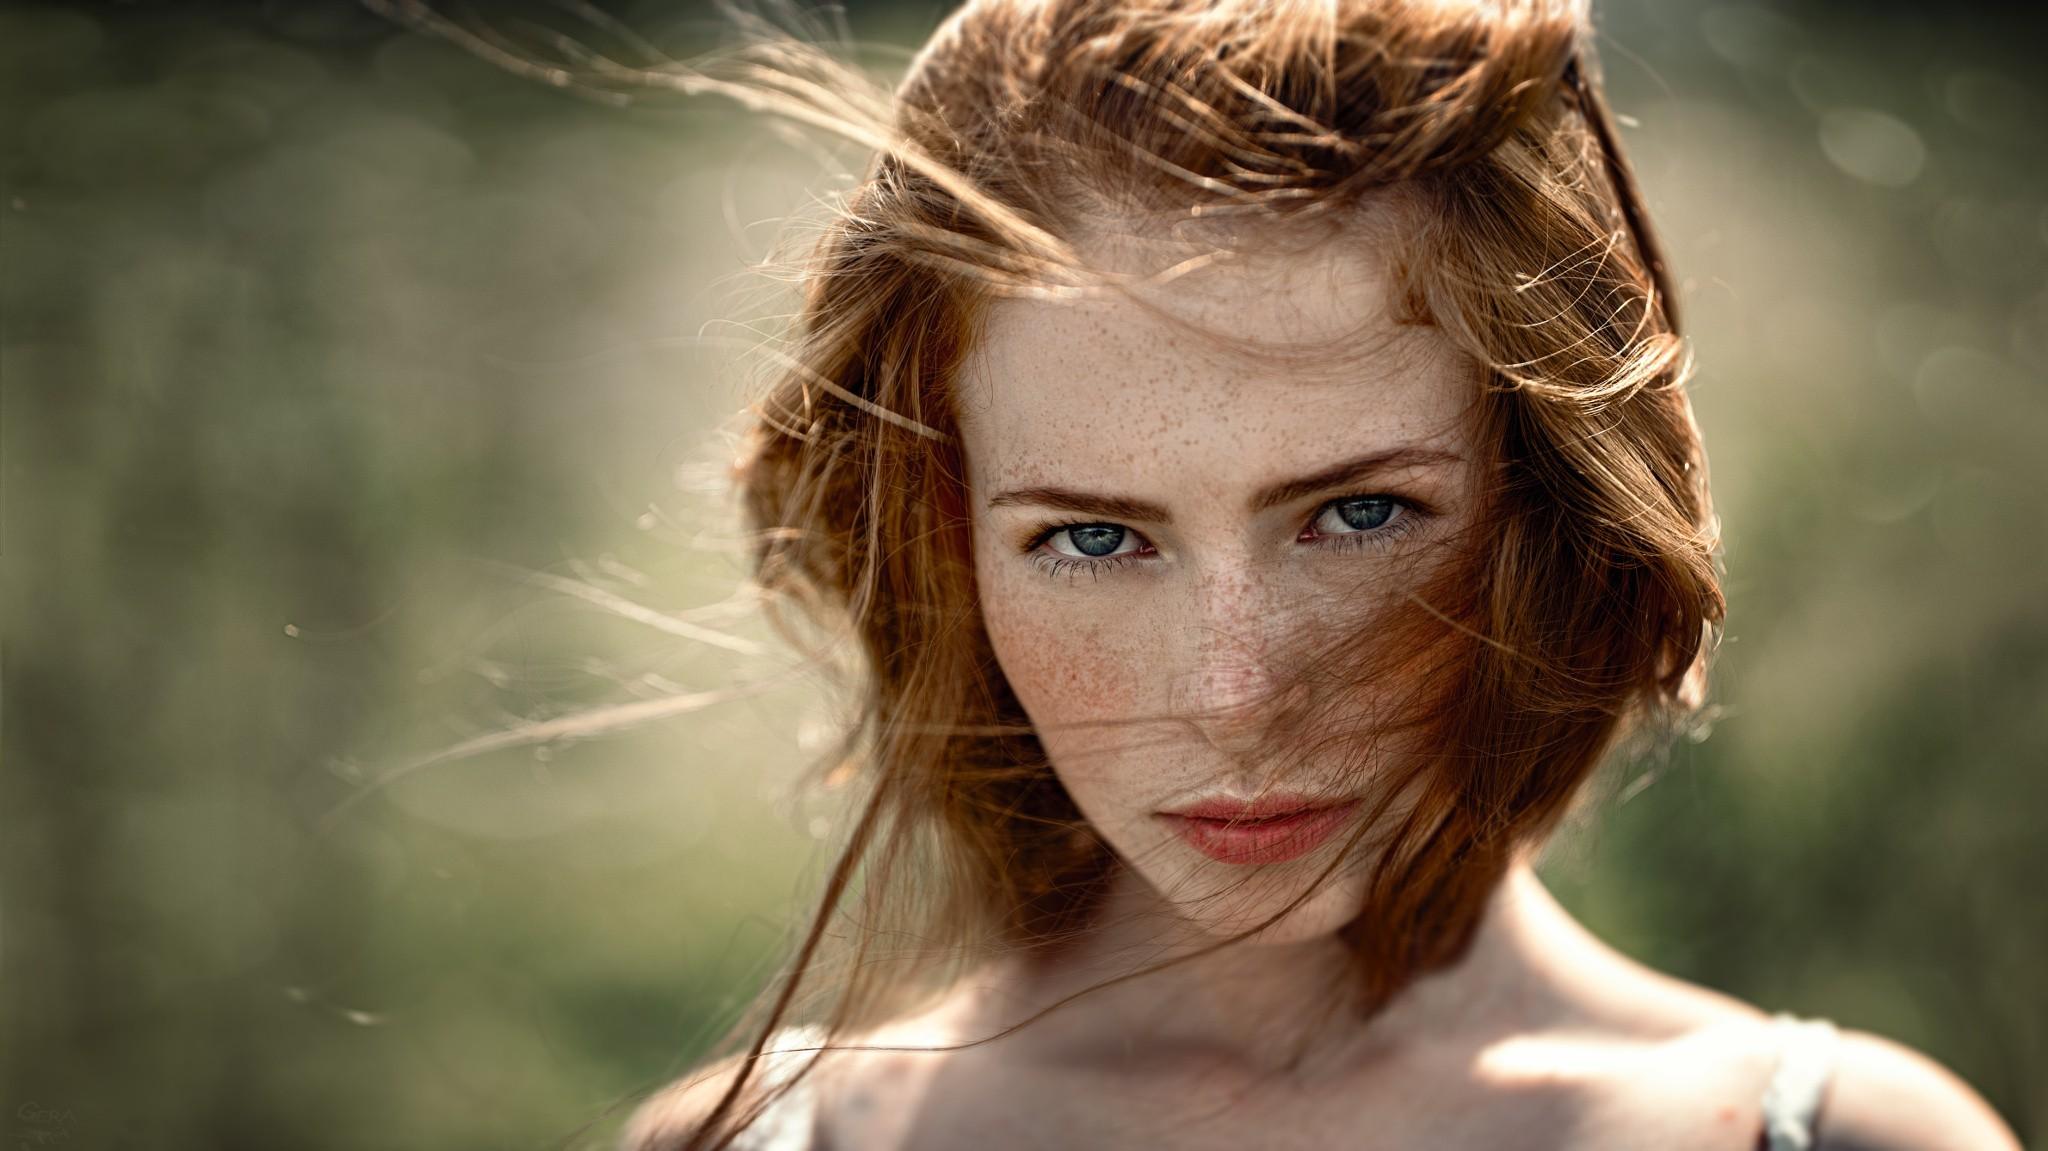 Mädchen braune haare und blaue augen